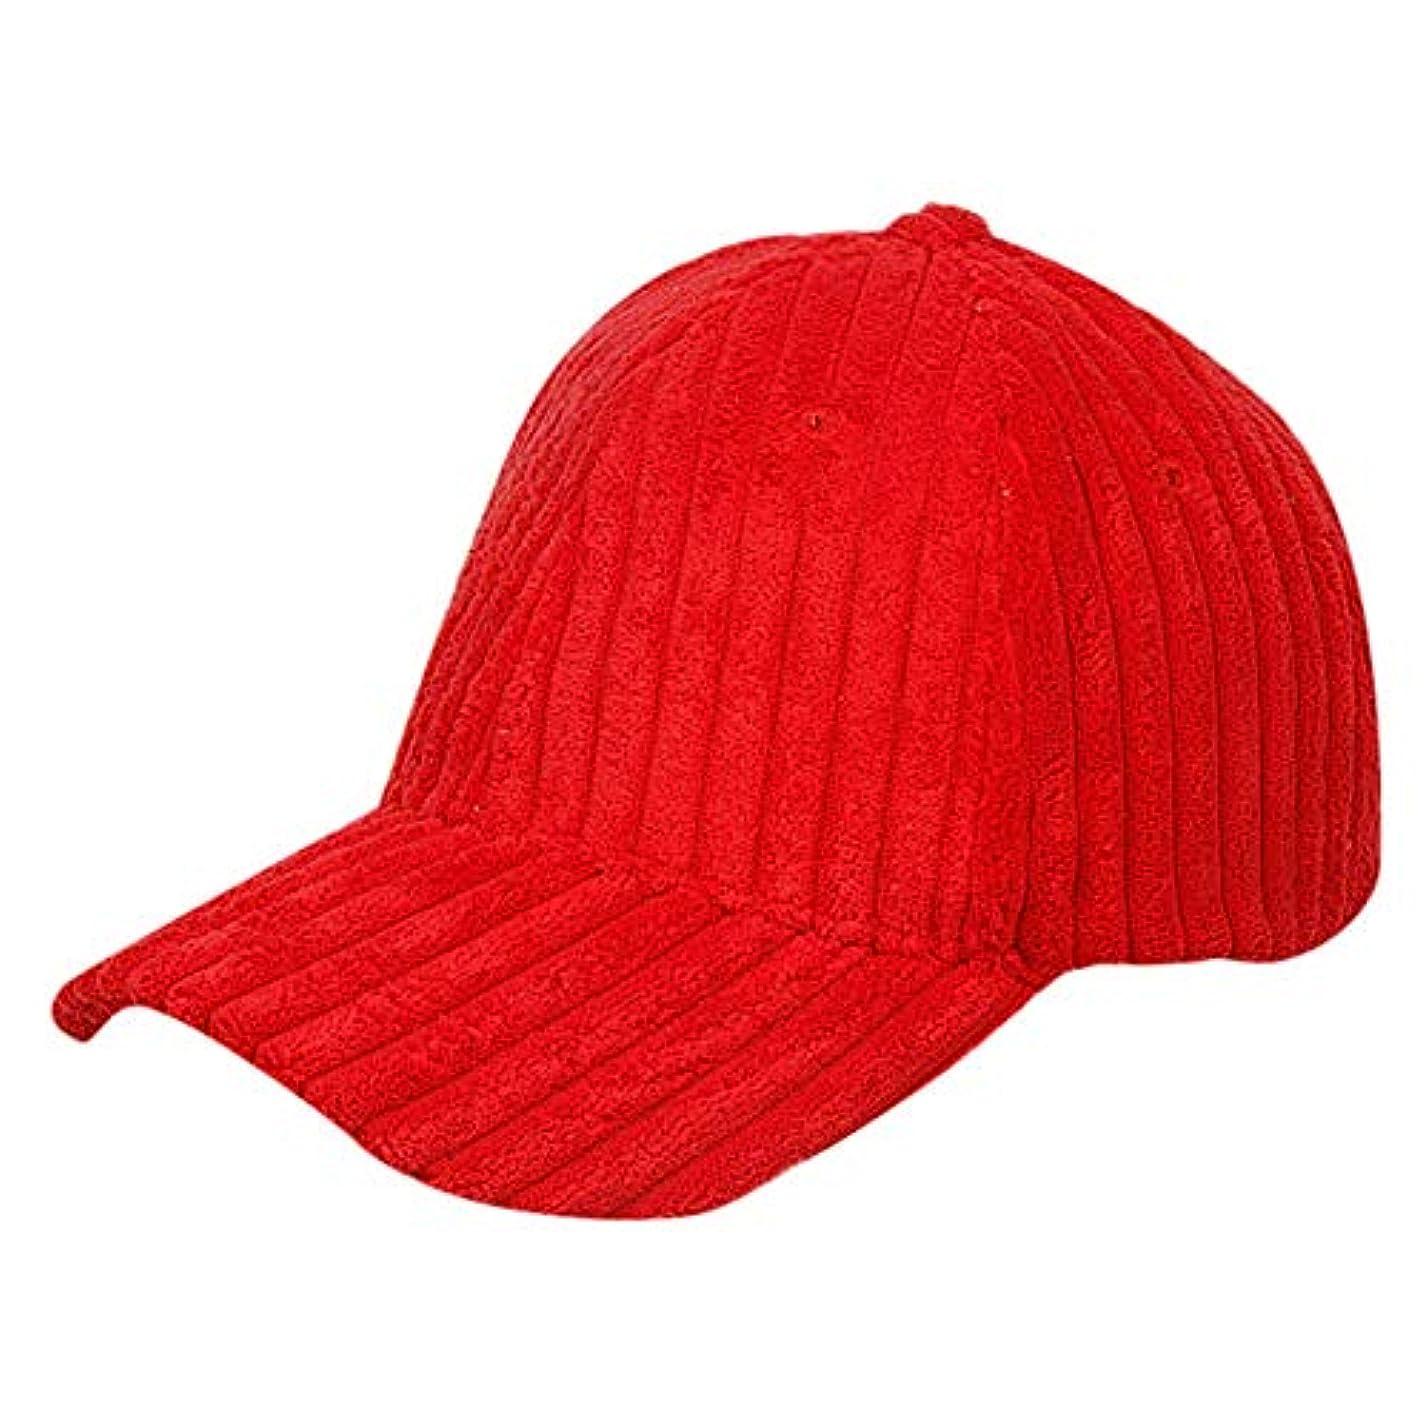 マオリ冗談で差別するRacazing Cap コーデュロイ 野球帽 迷彩 冬 登山 通気性のある メッシュ 帽子 ベルクロ 可調整可能 ストライプ 刺繍 棒球帽 UV 帽子 軽量 屋外 Unisex Hat (赤)